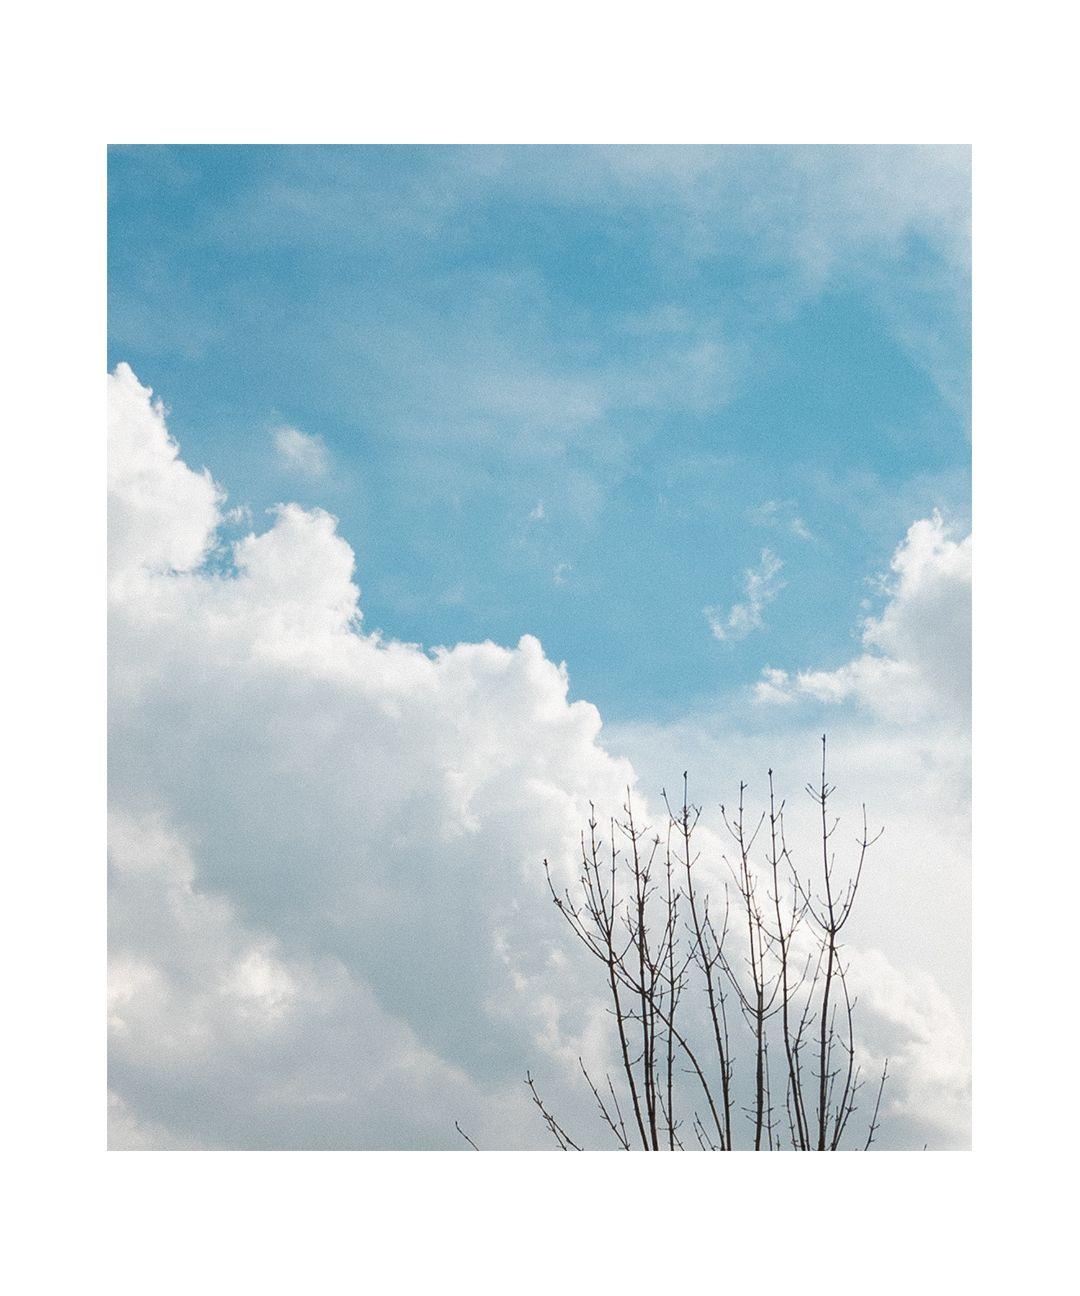 El cielo de mi abuelo